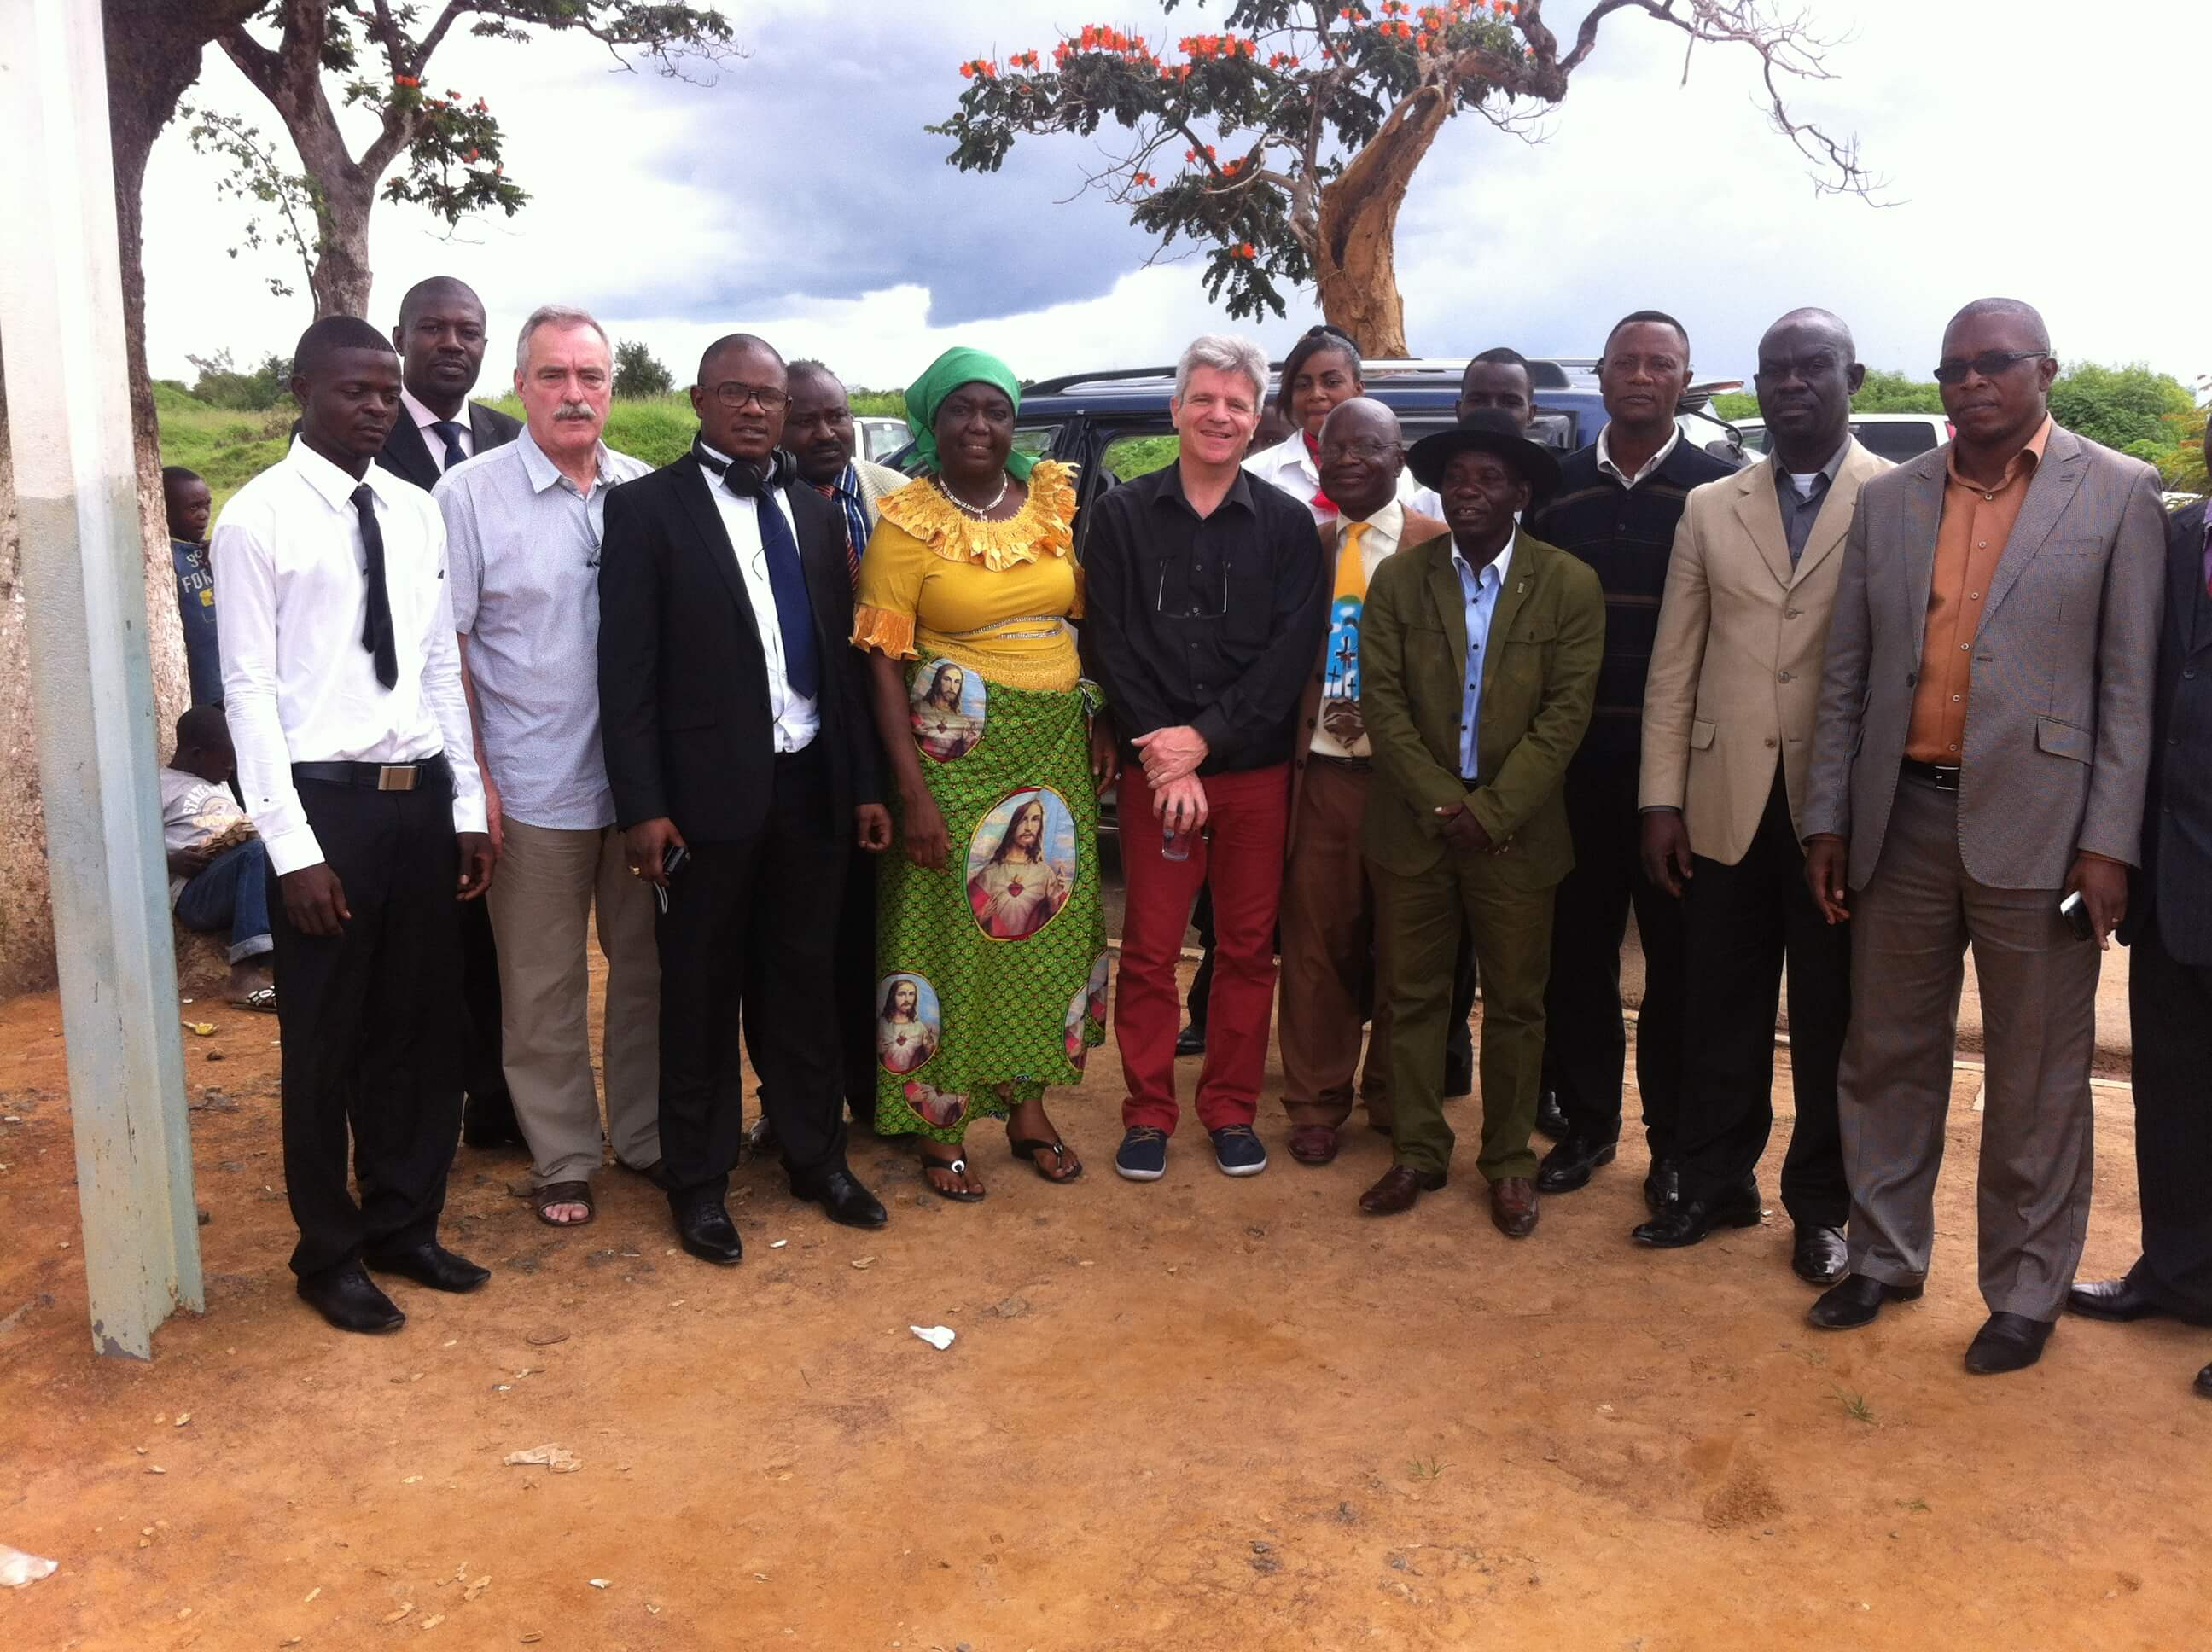 Comité d'accueil pour notre mission à Lumbumbashi